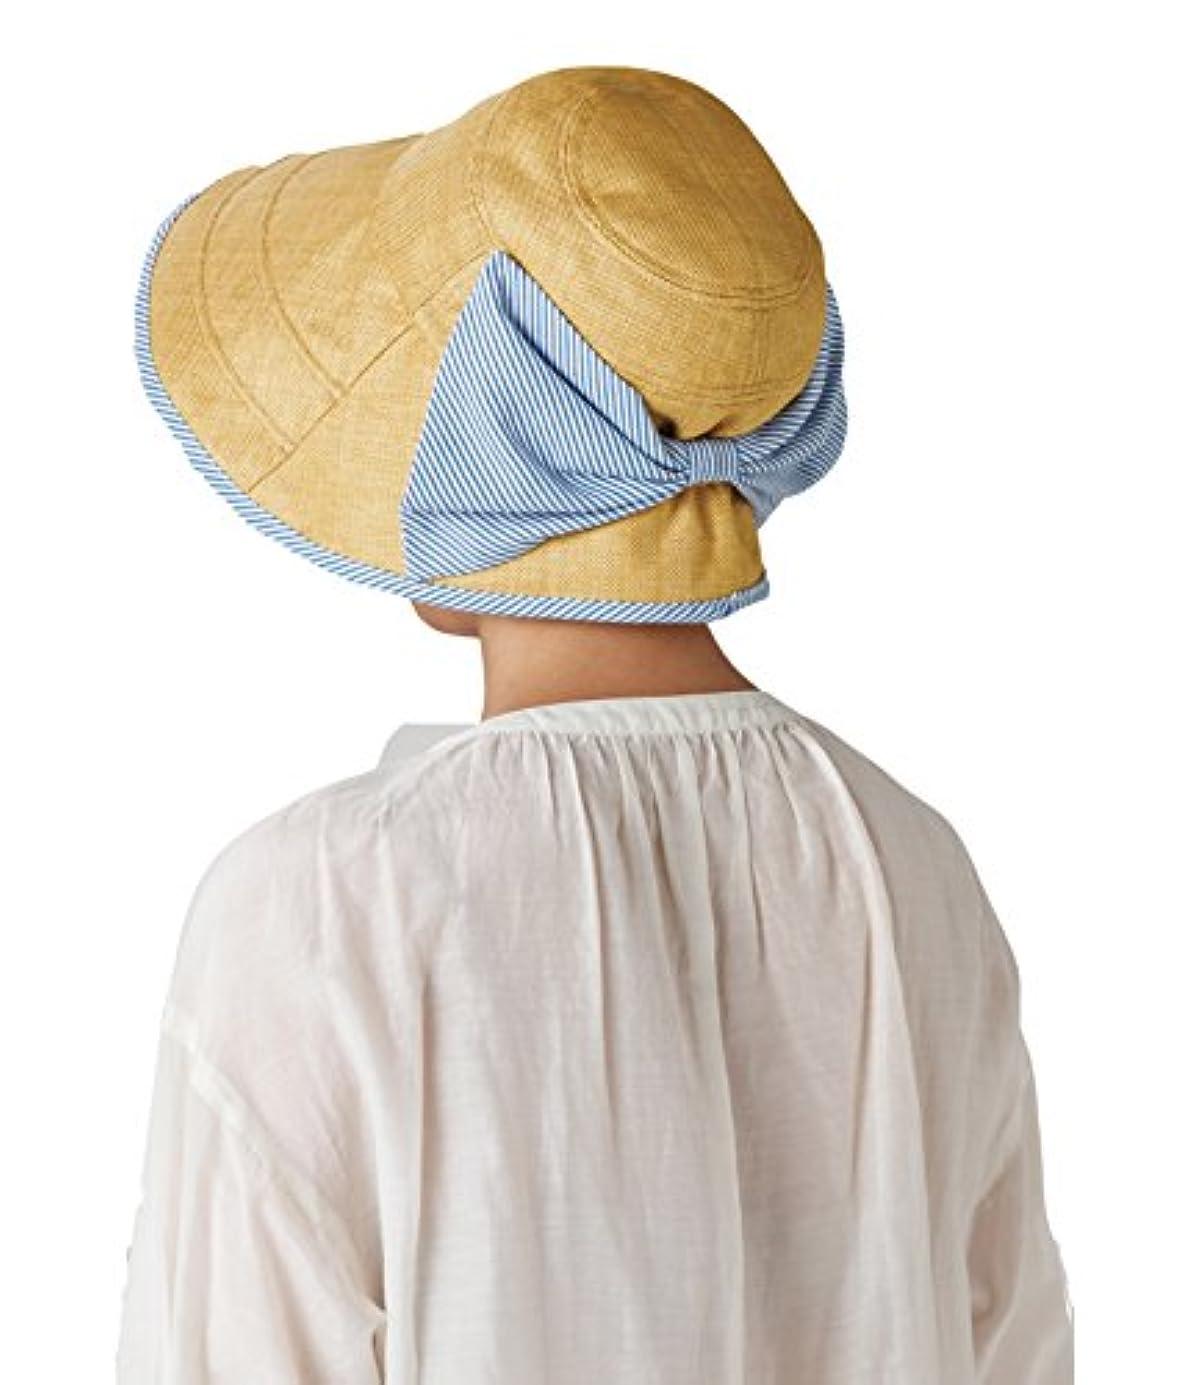 バインド夕暮れ不利益セルヴァン 大きなリボンのつば広日よけ帽子 ベージュ